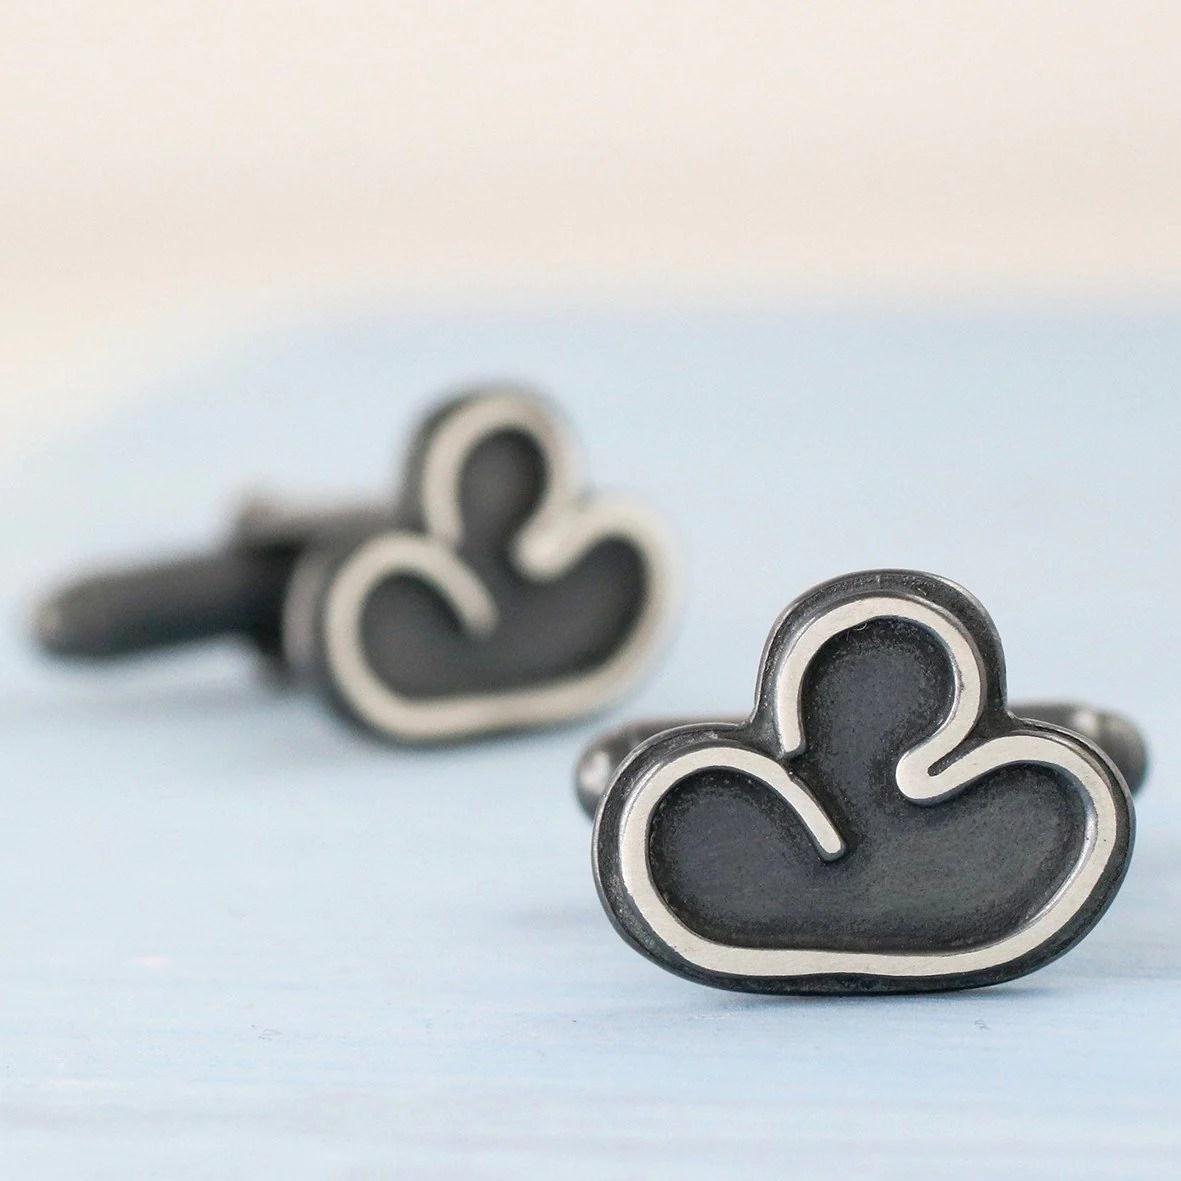 Cloud Silver Lining Cufflinks - Louy Magroos